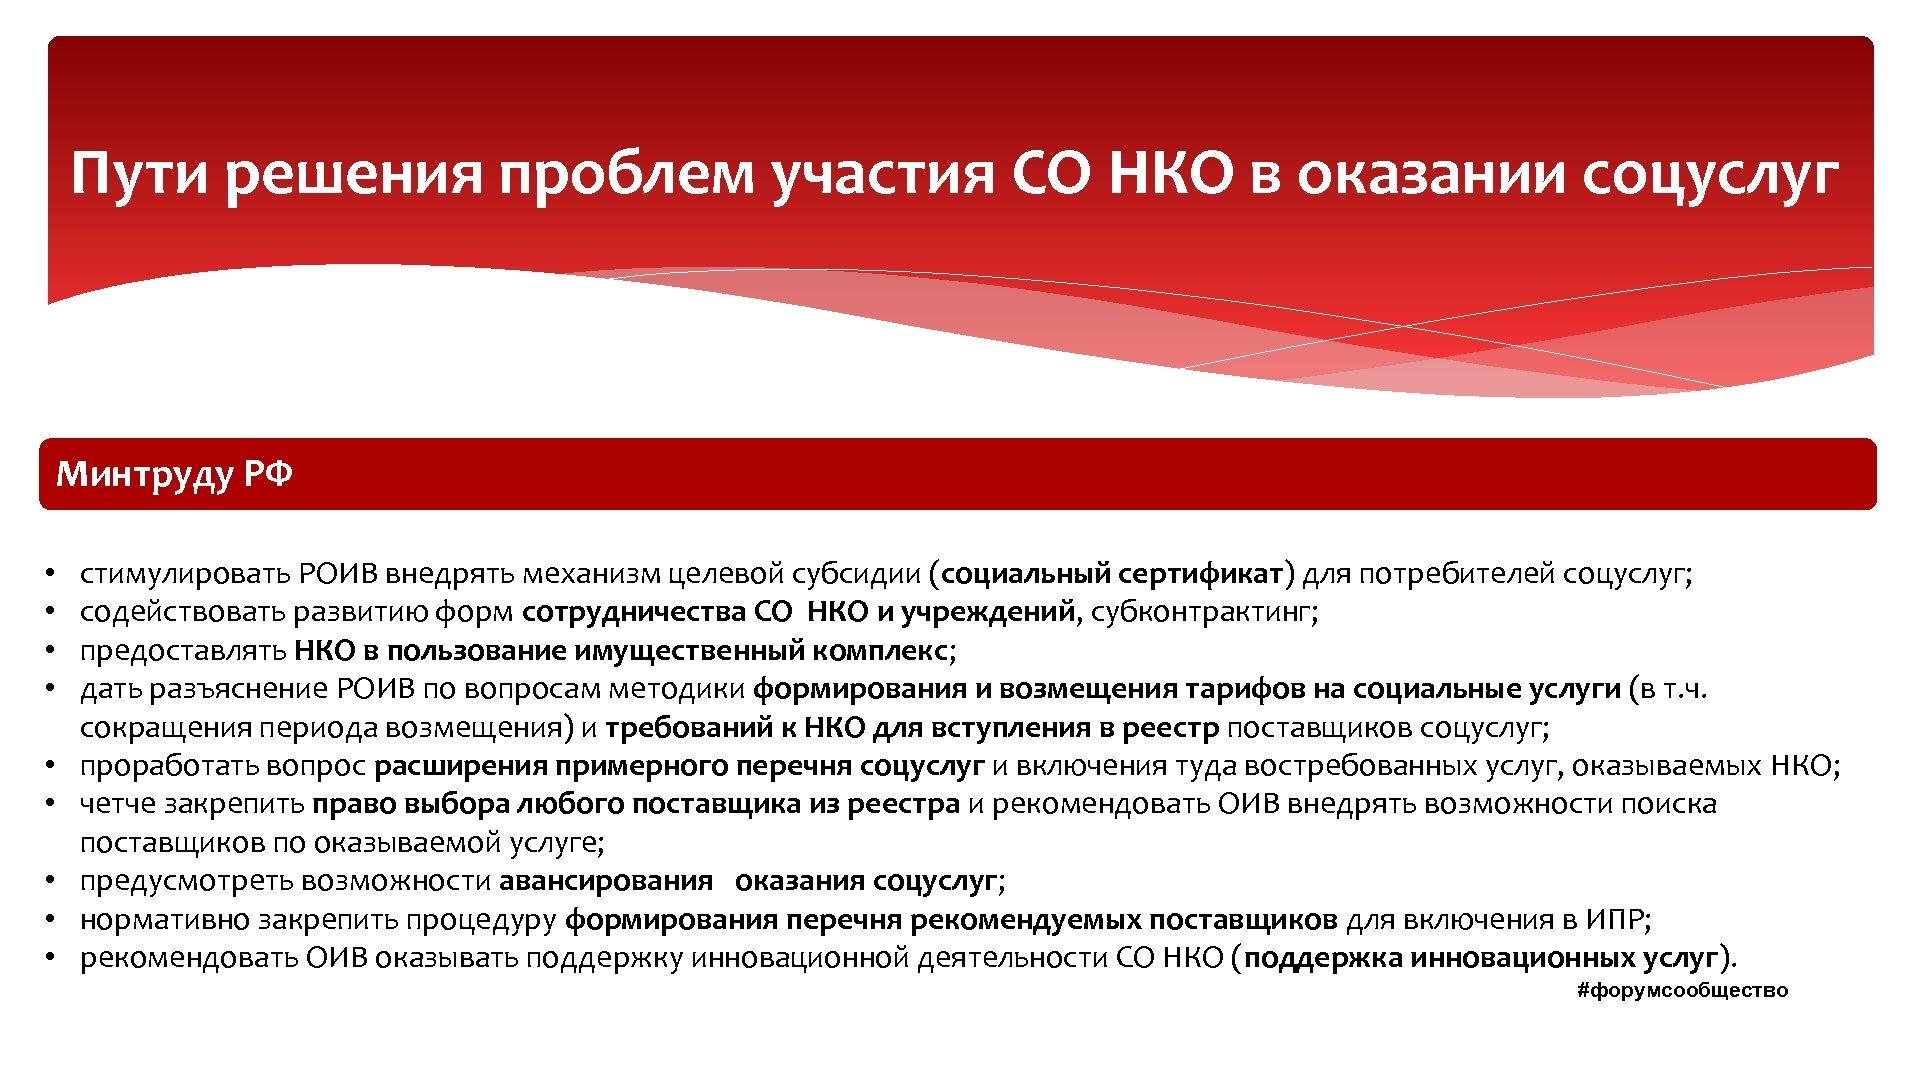 Пути решения проблем участия СО НКО в оказании соцуслуг Минтруду РФ • • •